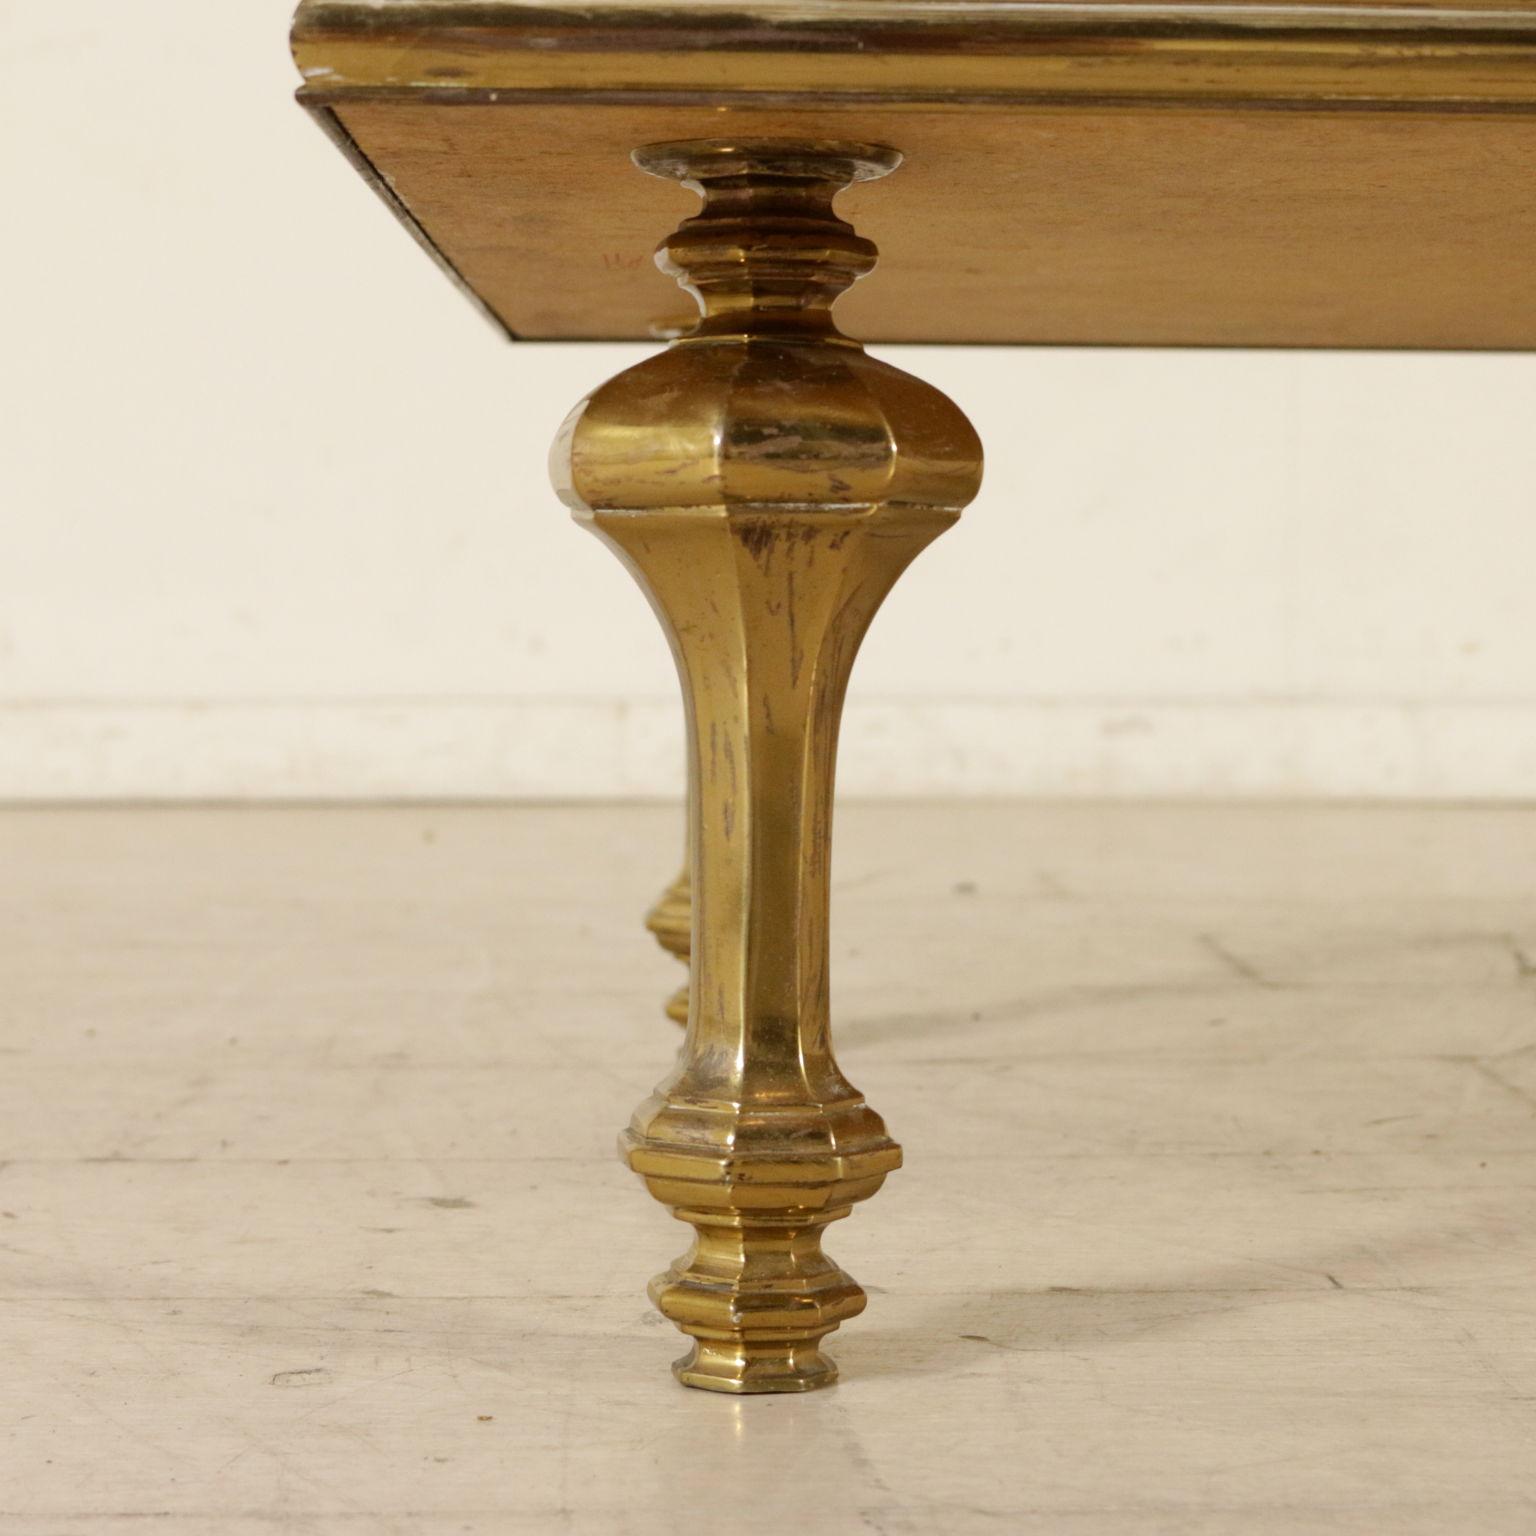 Mesa de café - Muebles de estilo - Bottega del 900 - dimanoinmano.it